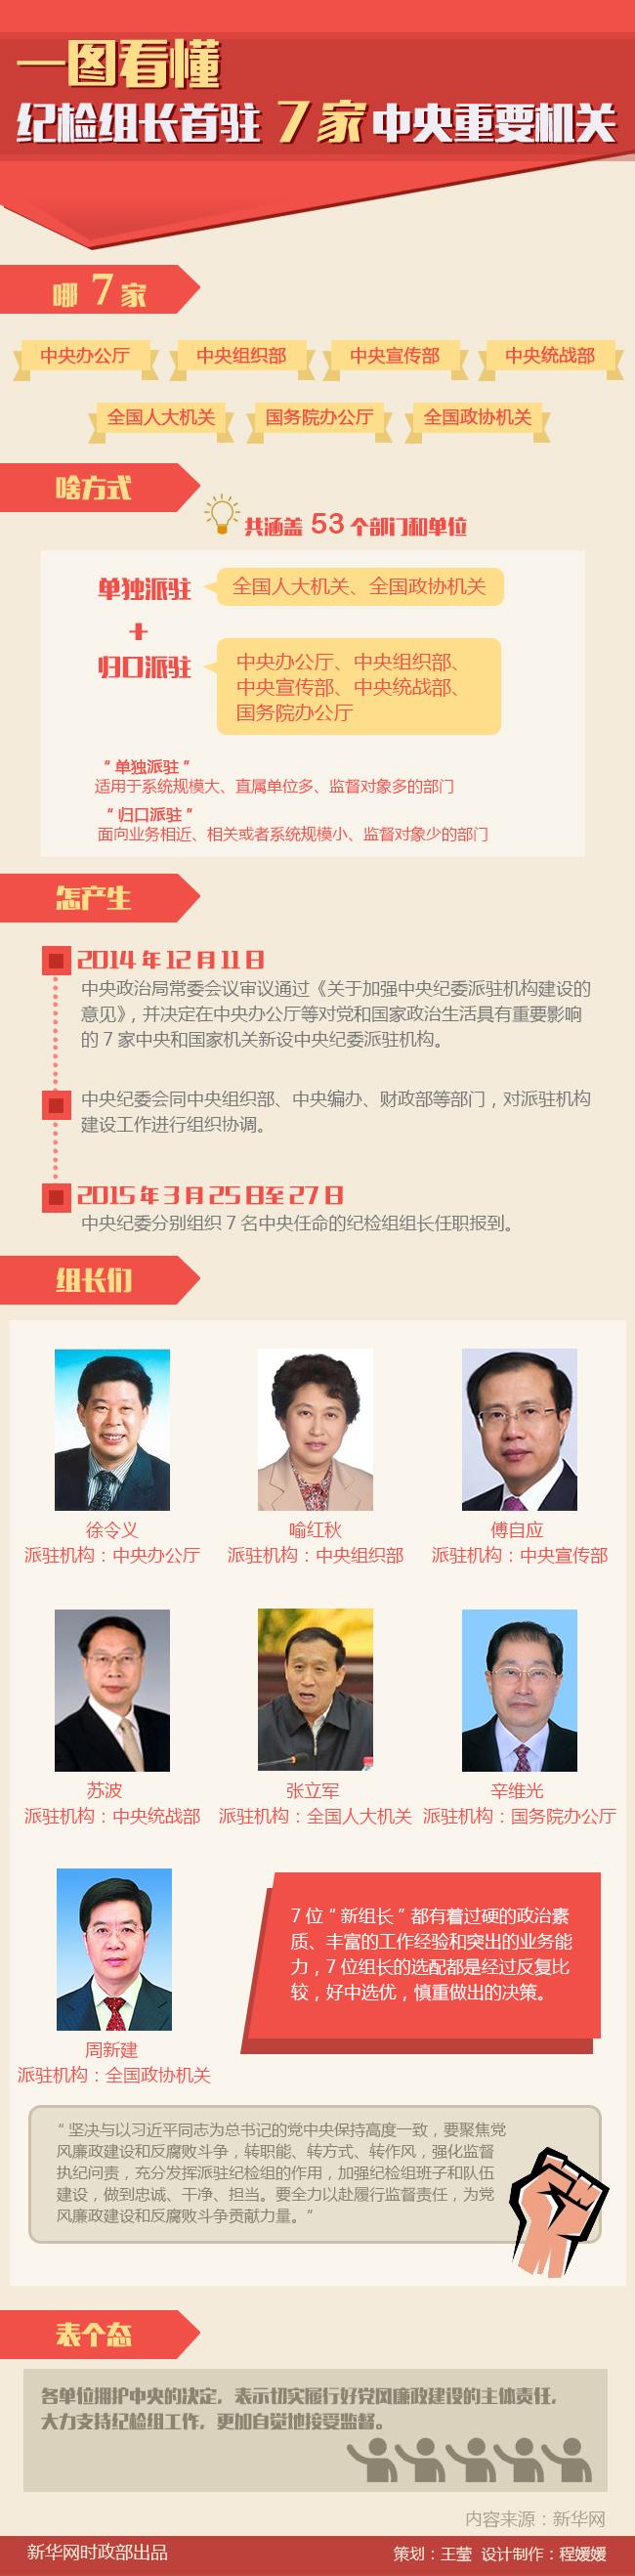 中央纪委新设7家派驻纪检组组长任职报到综述